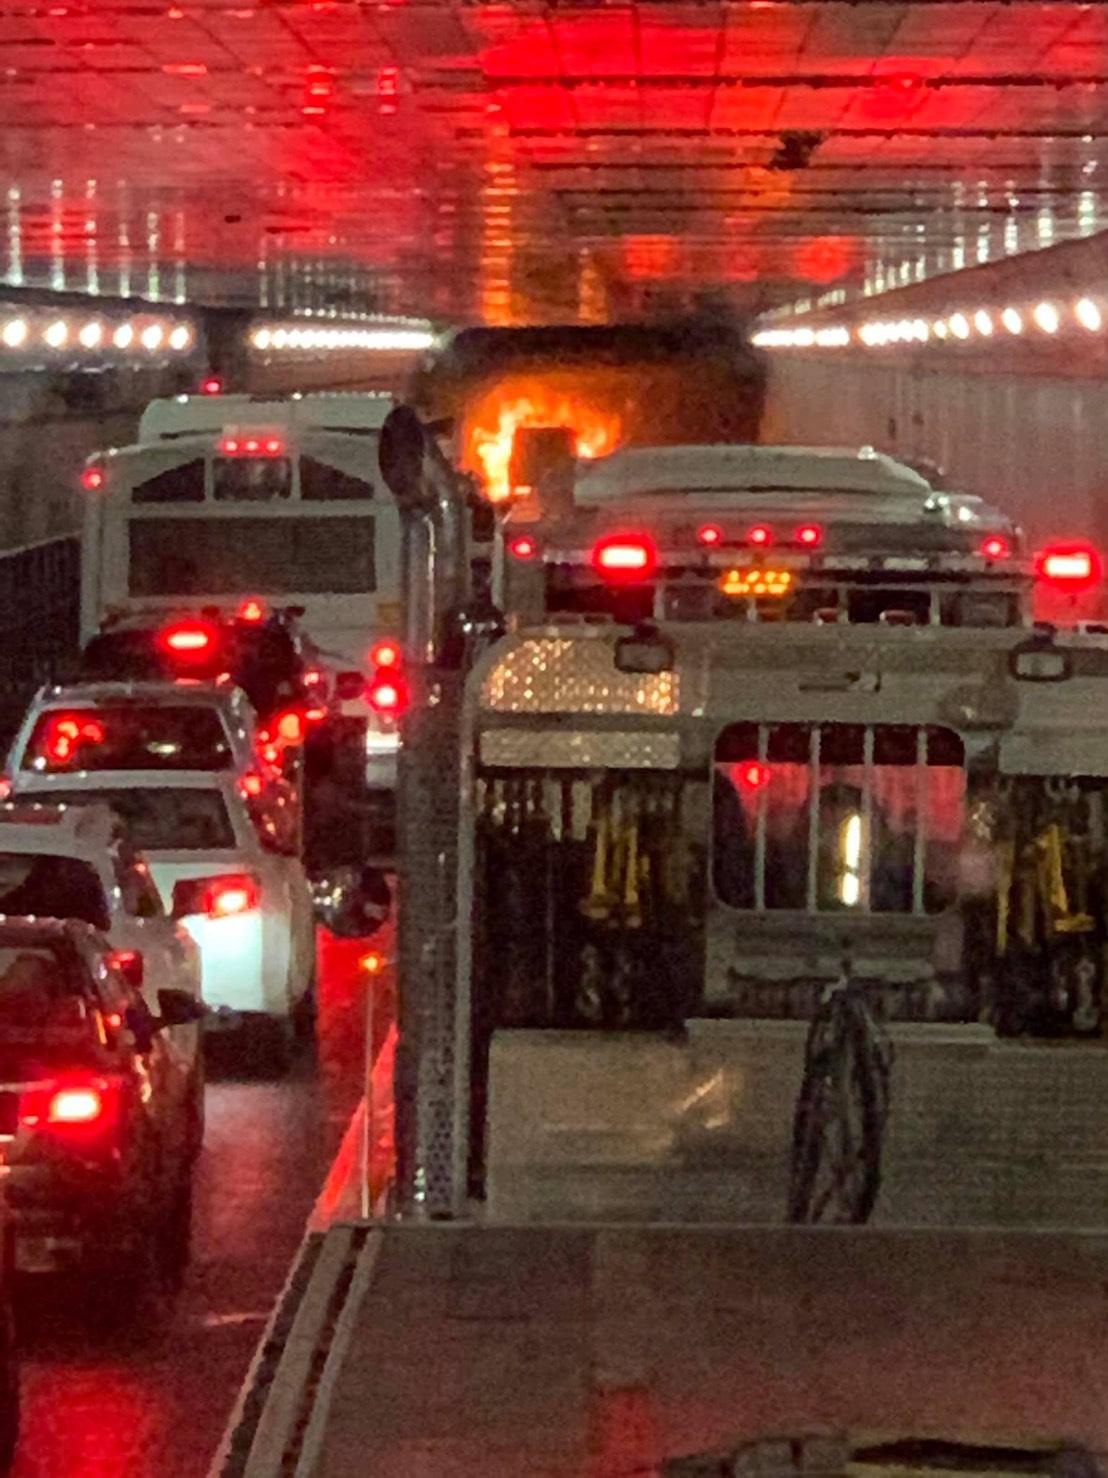 林肯隧道火燒車後塞車的狀況。圖由Darren Yang提供